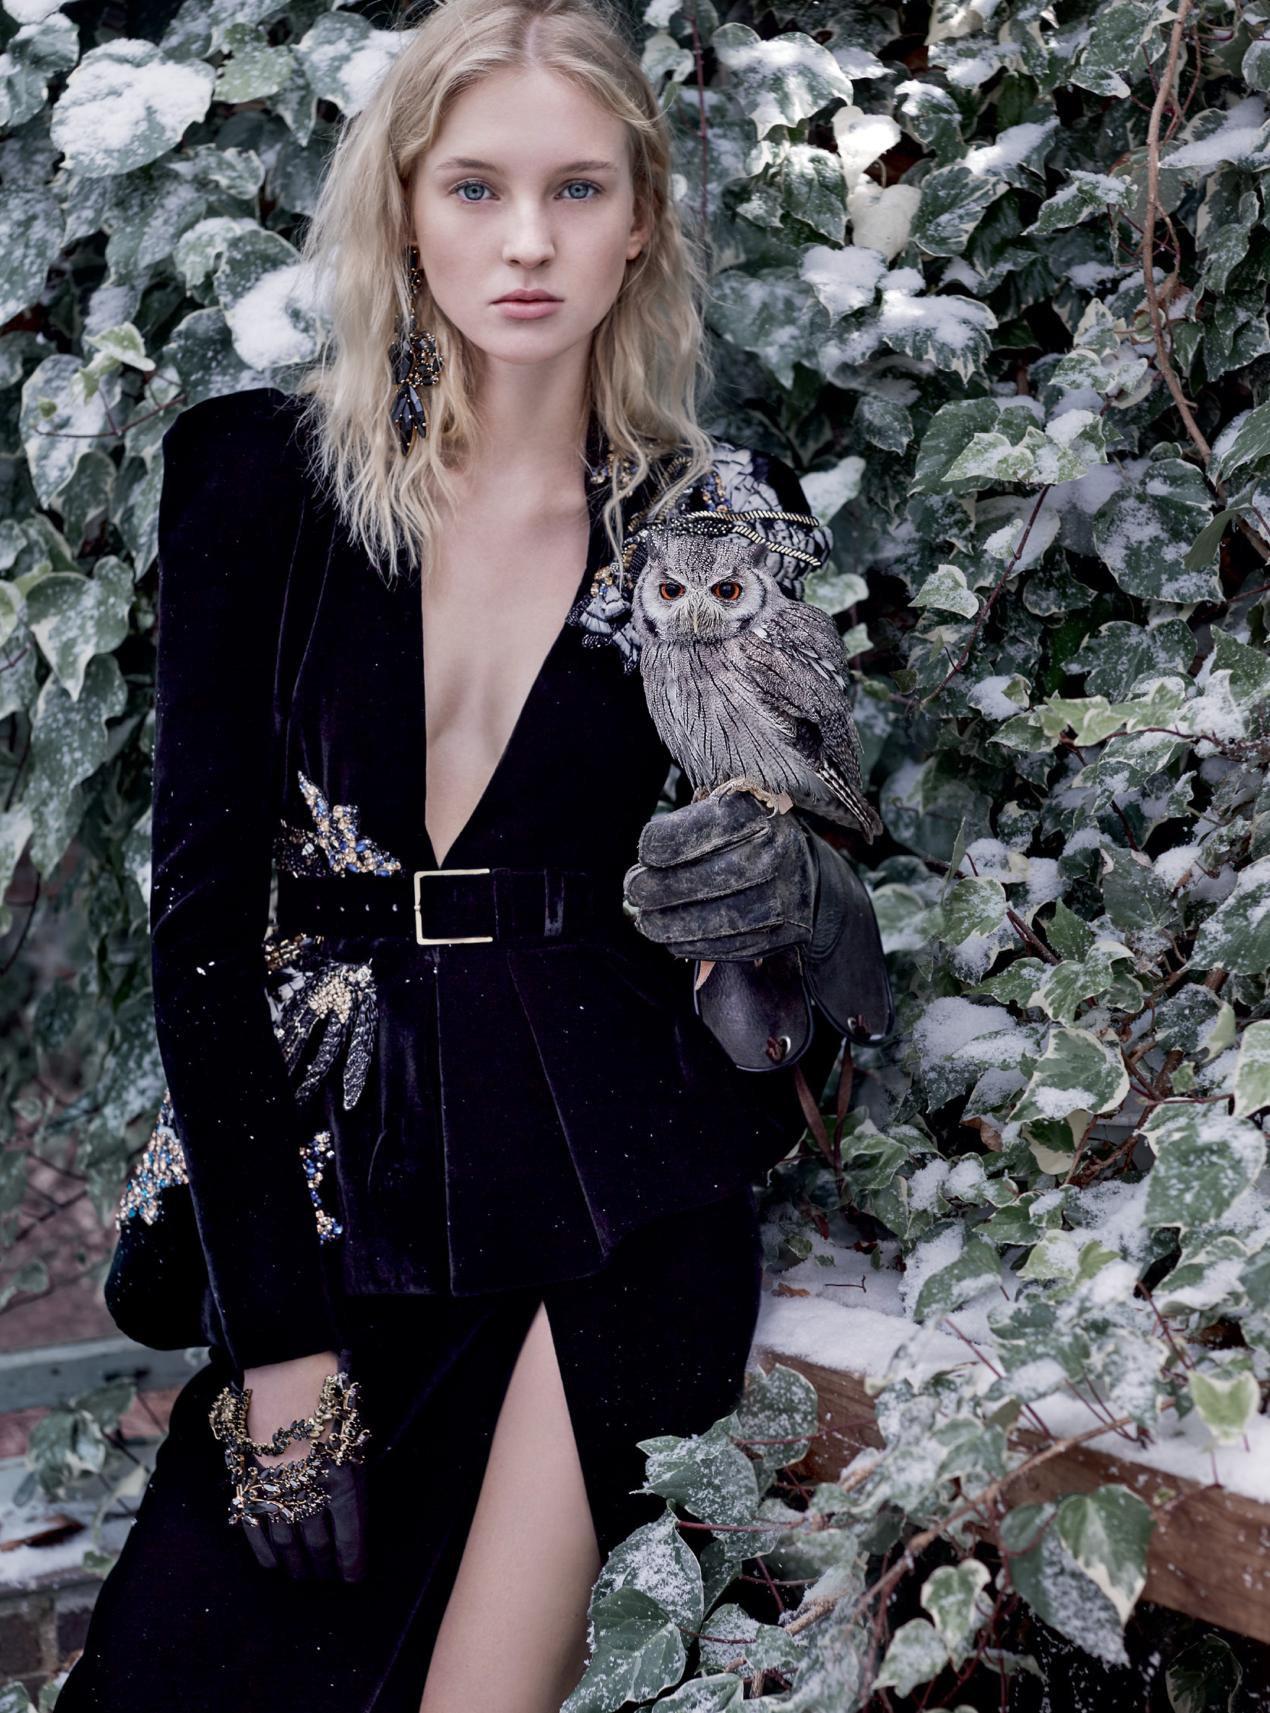 жакет из бархата с декором из перьев и кристаллов, юбка из бархата, перчатки из кожи с декором из кристаллов, серьги с кристаллами, Elie Saab Haute Couture